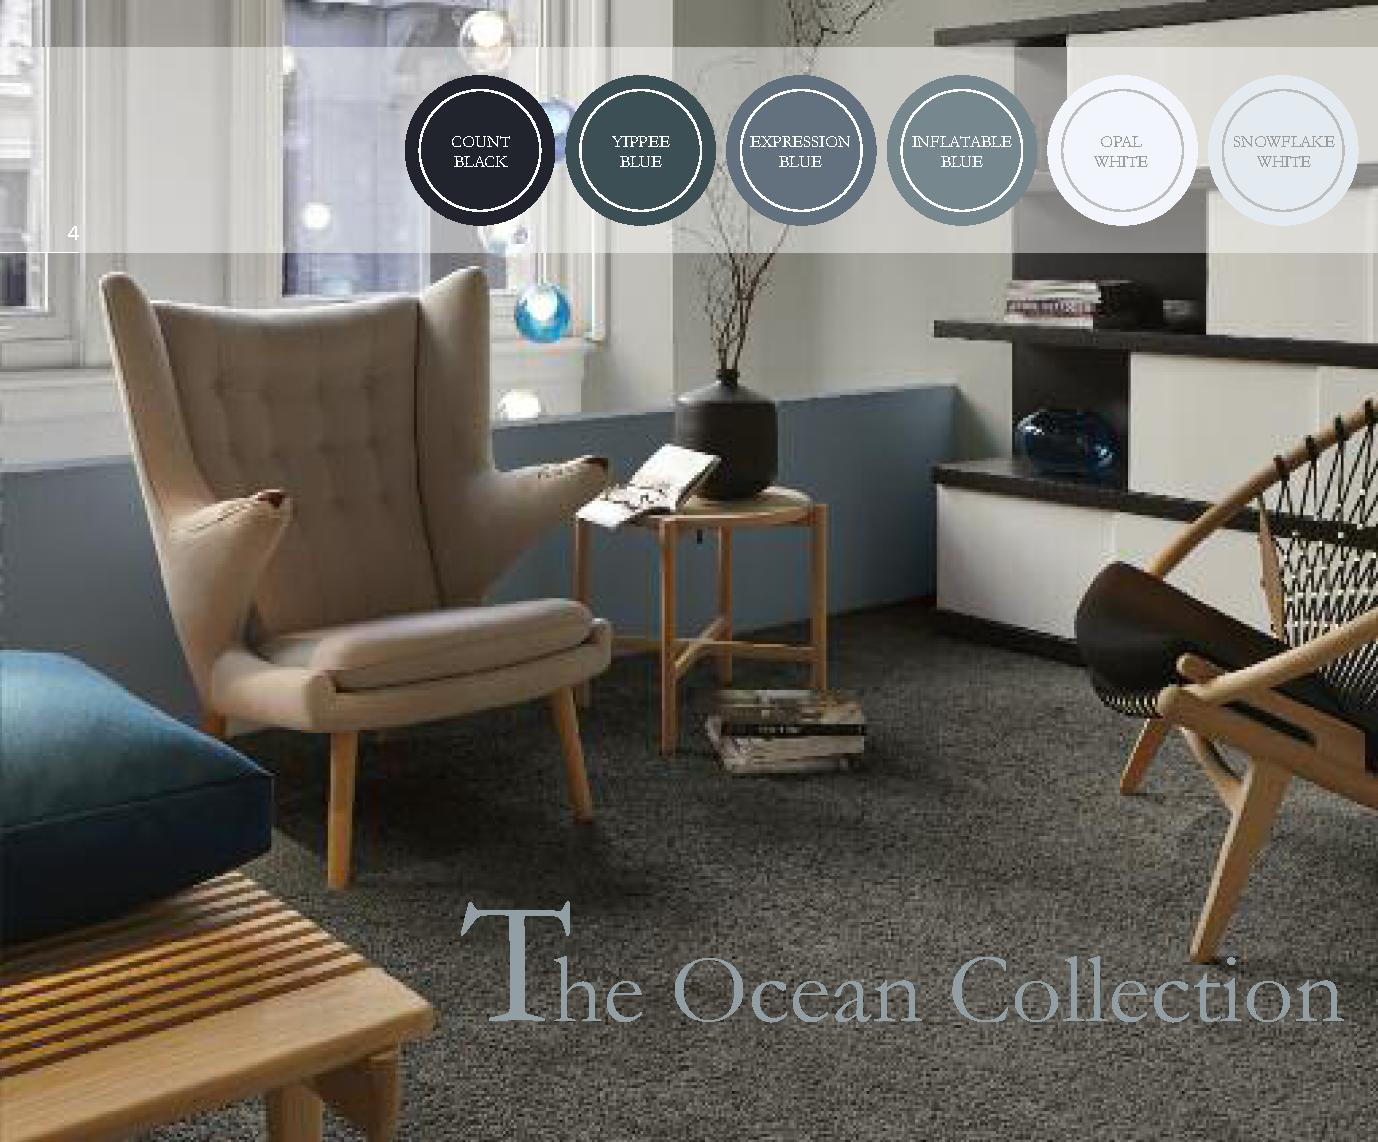 Blauwe kleuren werken verfrissend in een interieur met veel hout en natuurlijk materialen